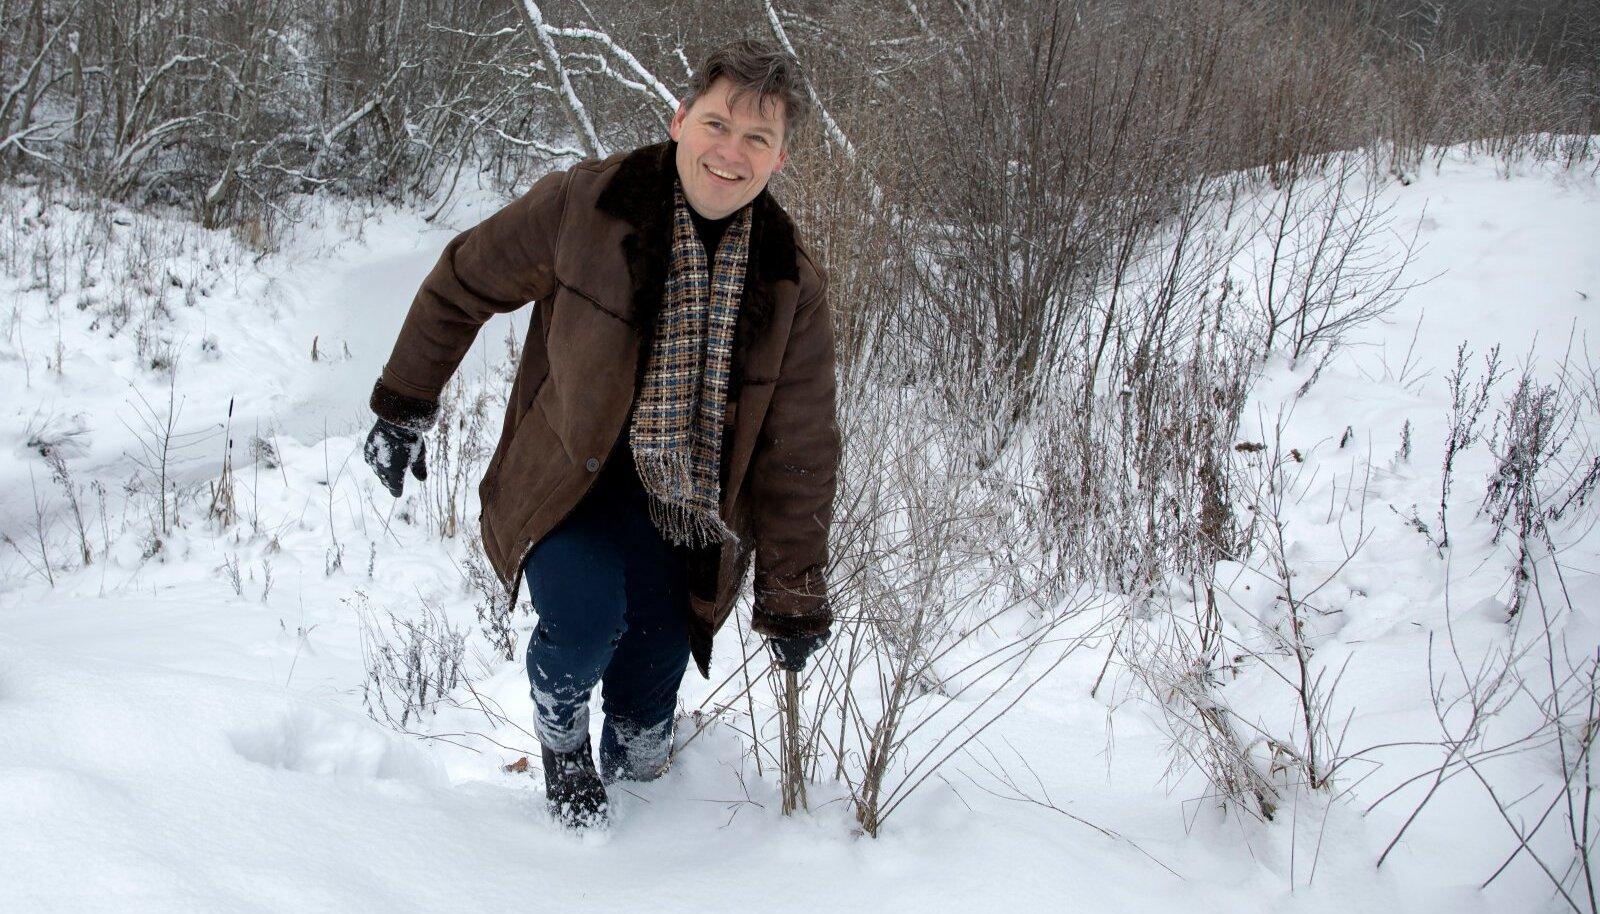 Topi talu peremees Kaupo Kala ei karda lumes mütata, kuna tema Topi Naturali hooldustooted kaitsevad nii riideid kui jalanõusid märjaks ja mustaks saamise eest.